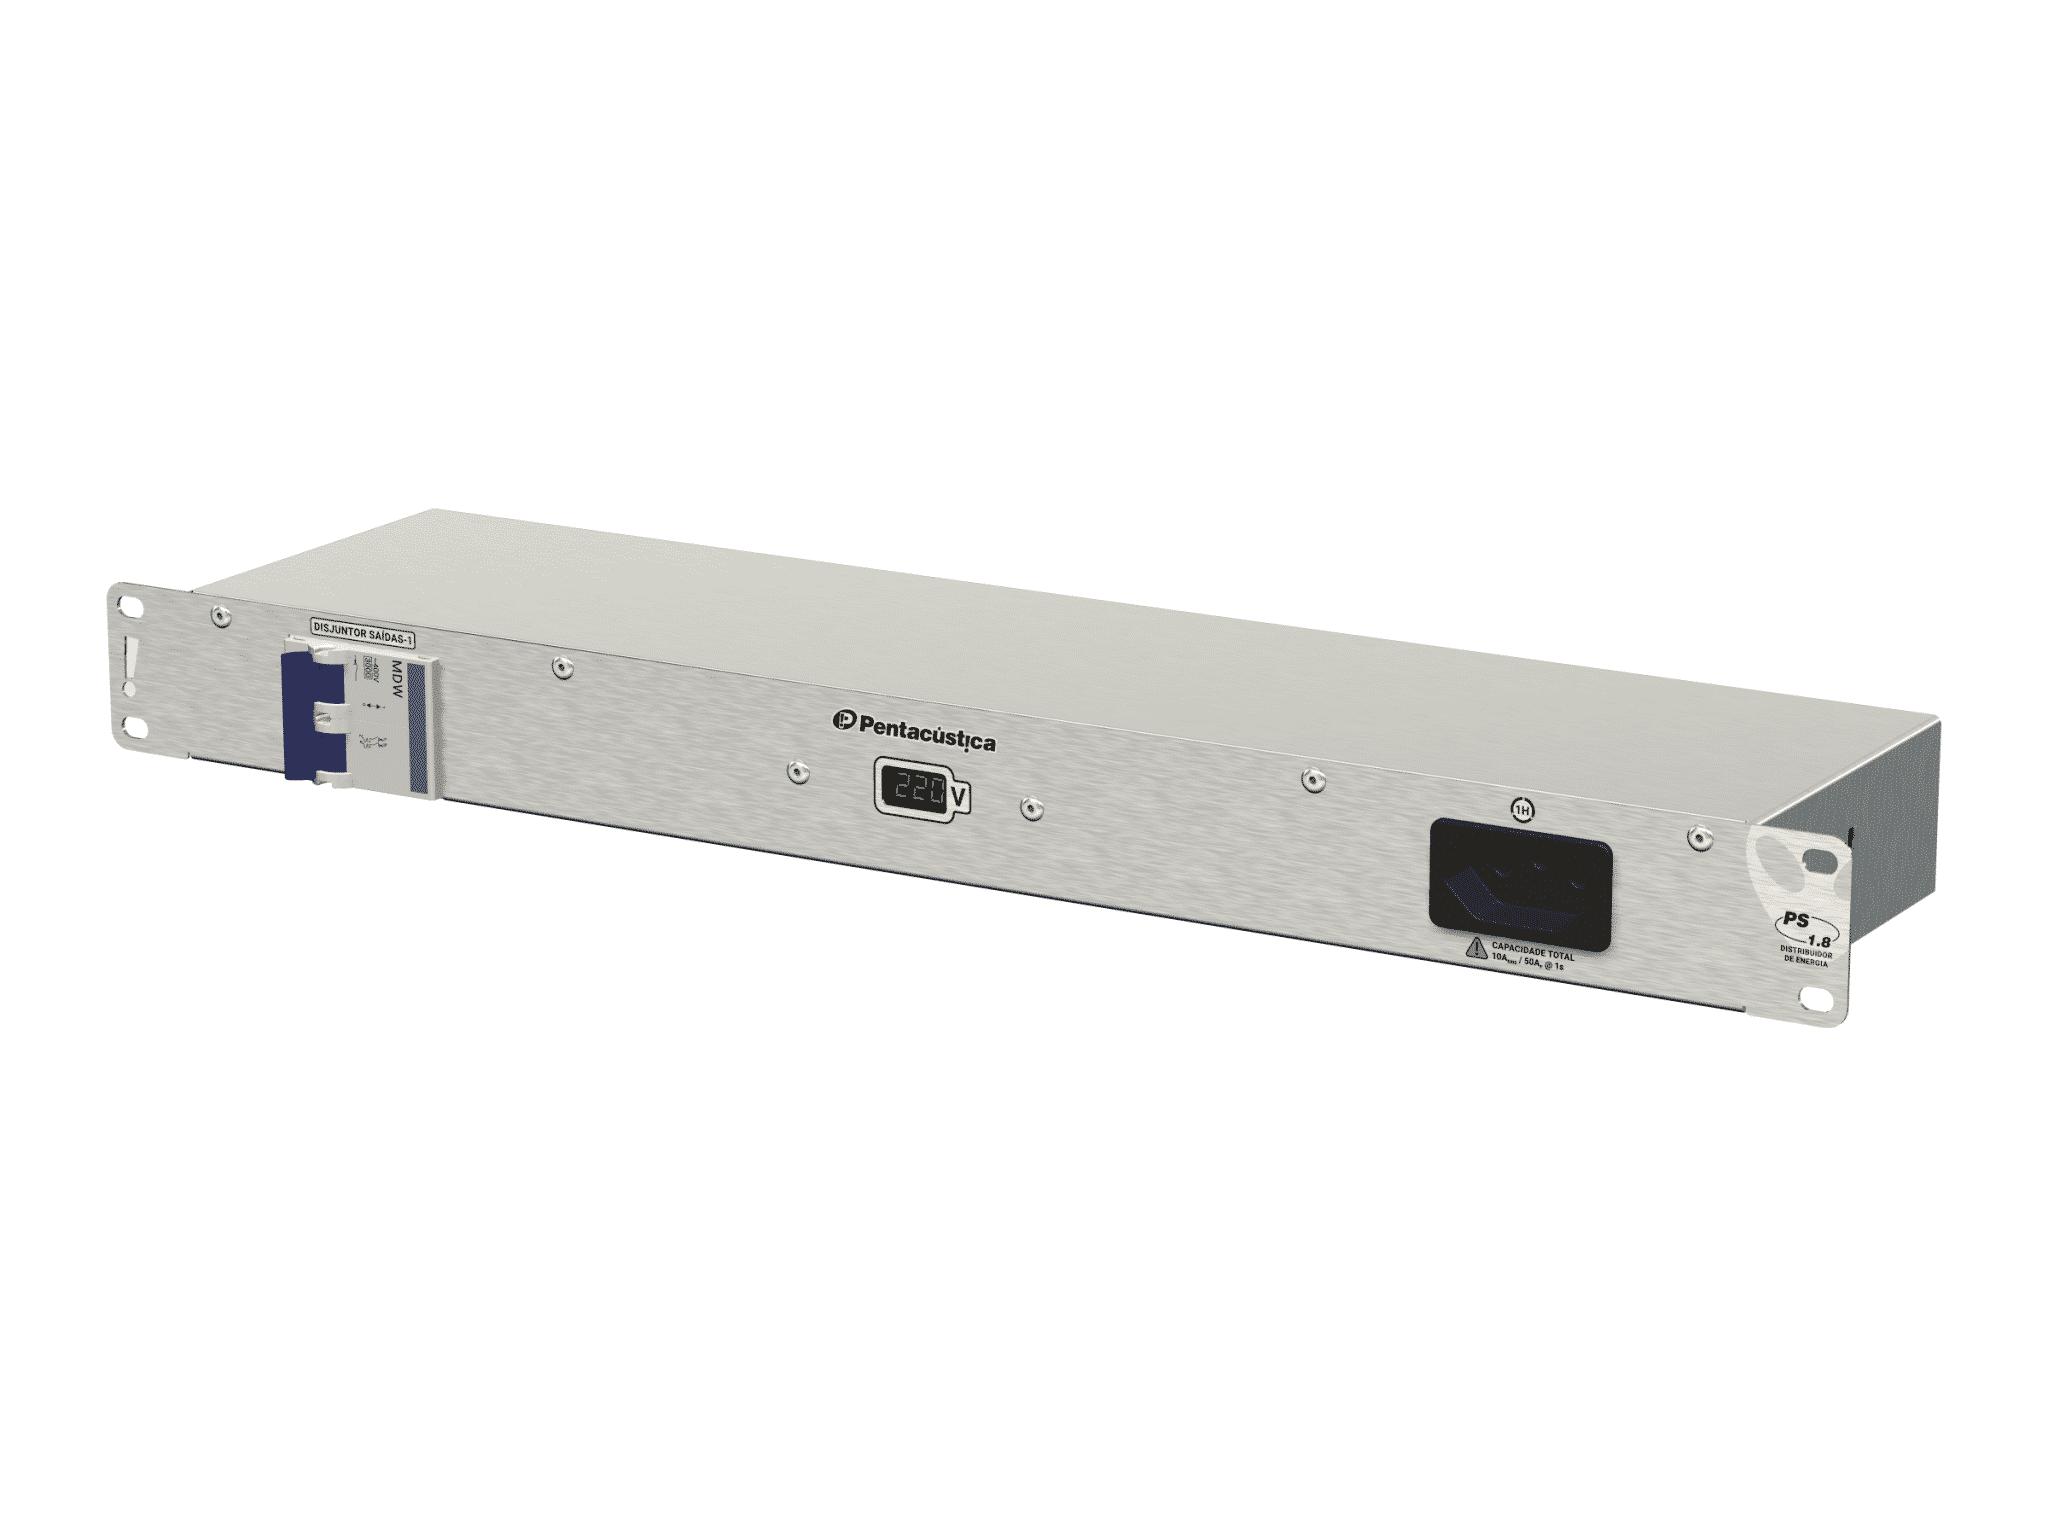 Distribuidor de energia PS-1.8